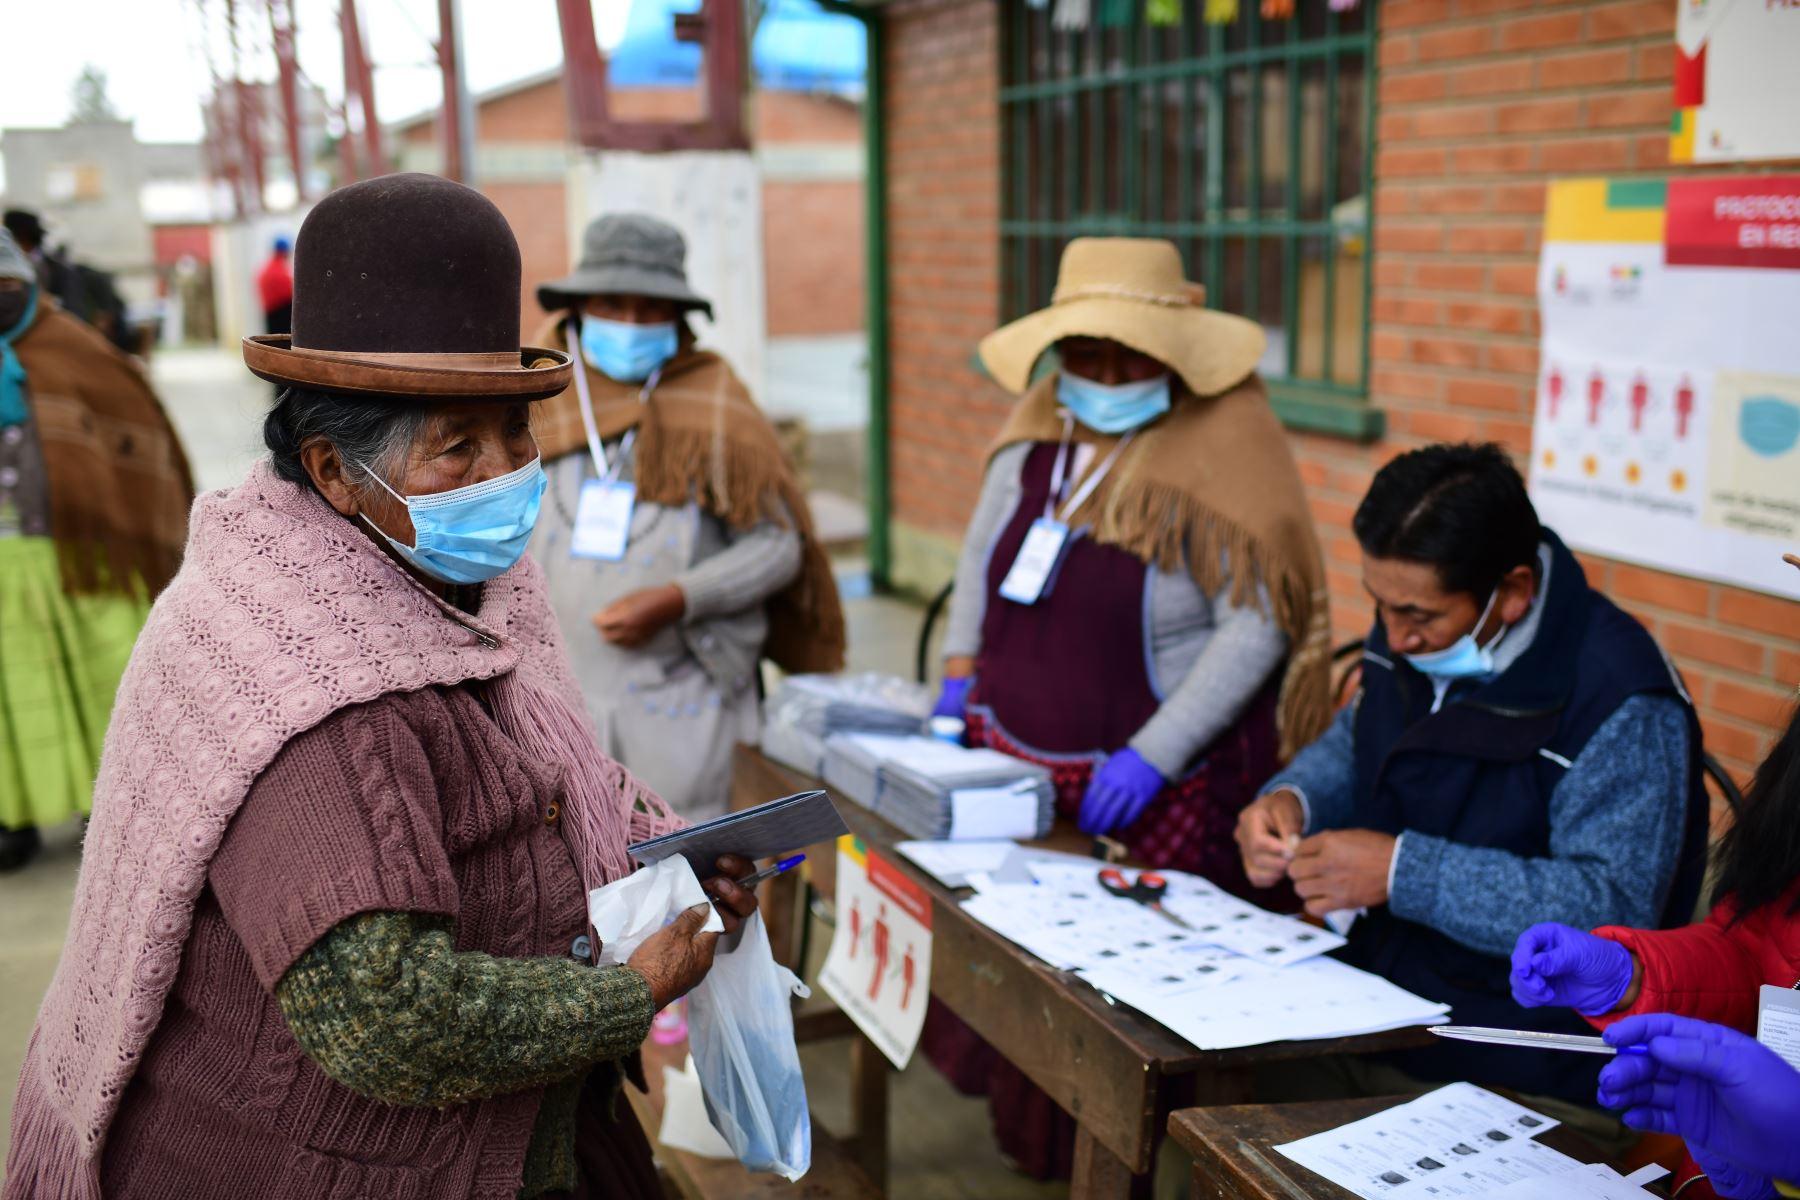 Una mujer espera para emitir su voto en un colegio electoral en Huarina, Bolivia, durante las elecciones generales del país que se desarrollan en medio de la pandemia. Foto: AFP